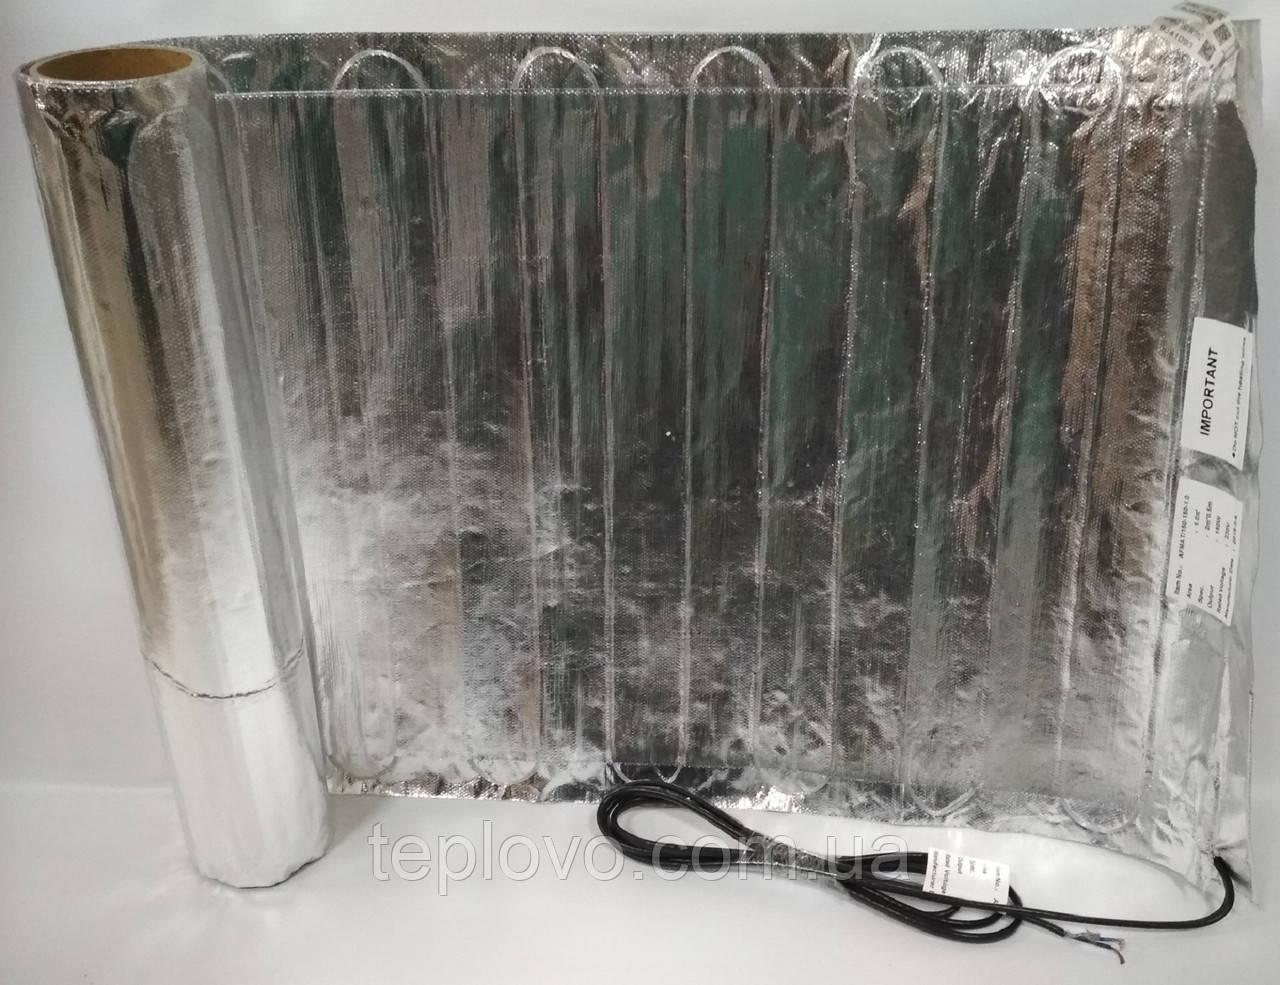 Алюминиевый мат IN-THERM AFMAT 7,0 м2 (1050 Вт), теплый пол под ламинат